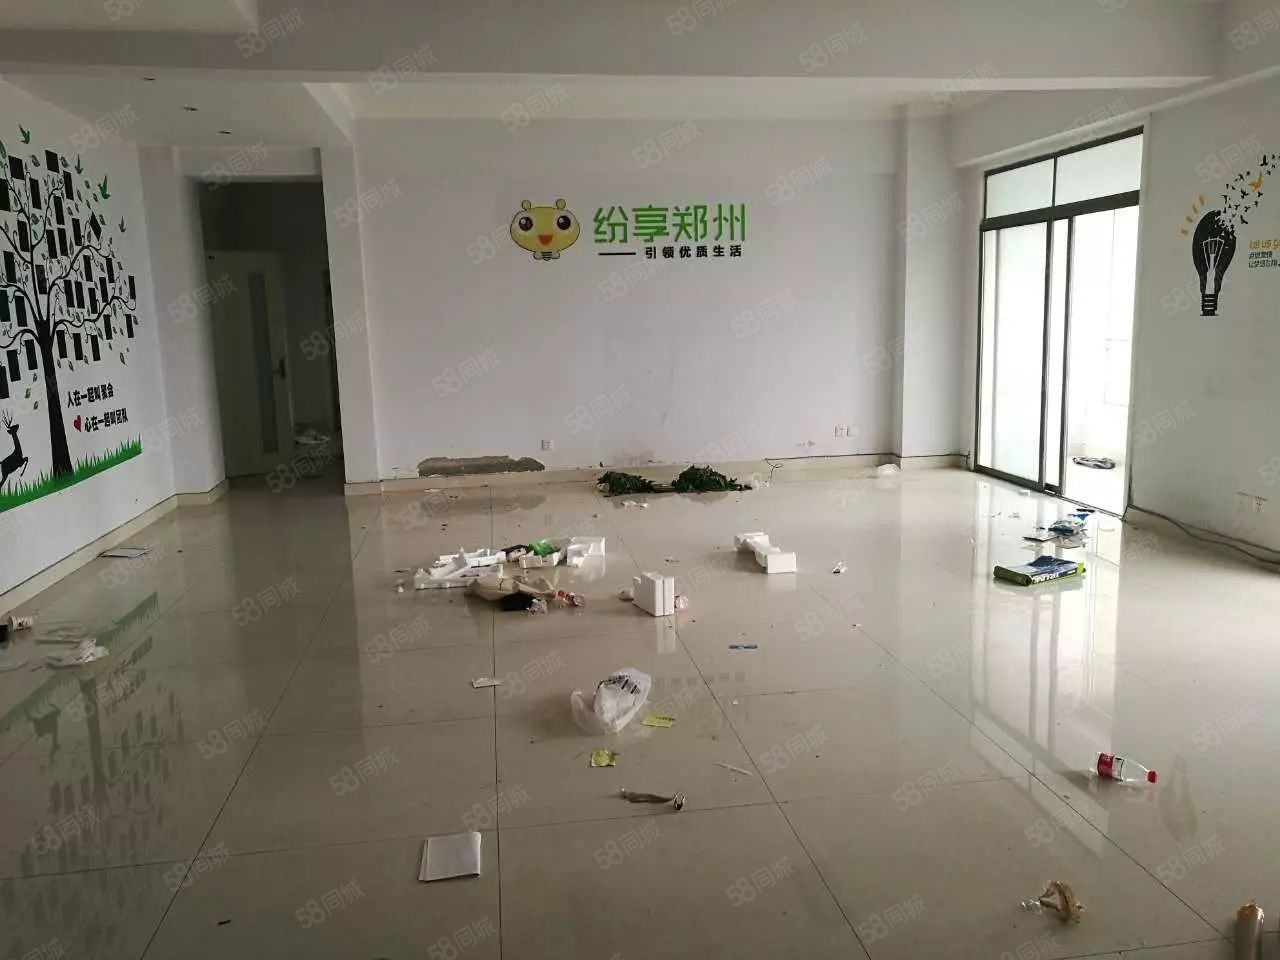 郑东新区自贸区地铁口精装修189平四房一梯一户划片东区外国语